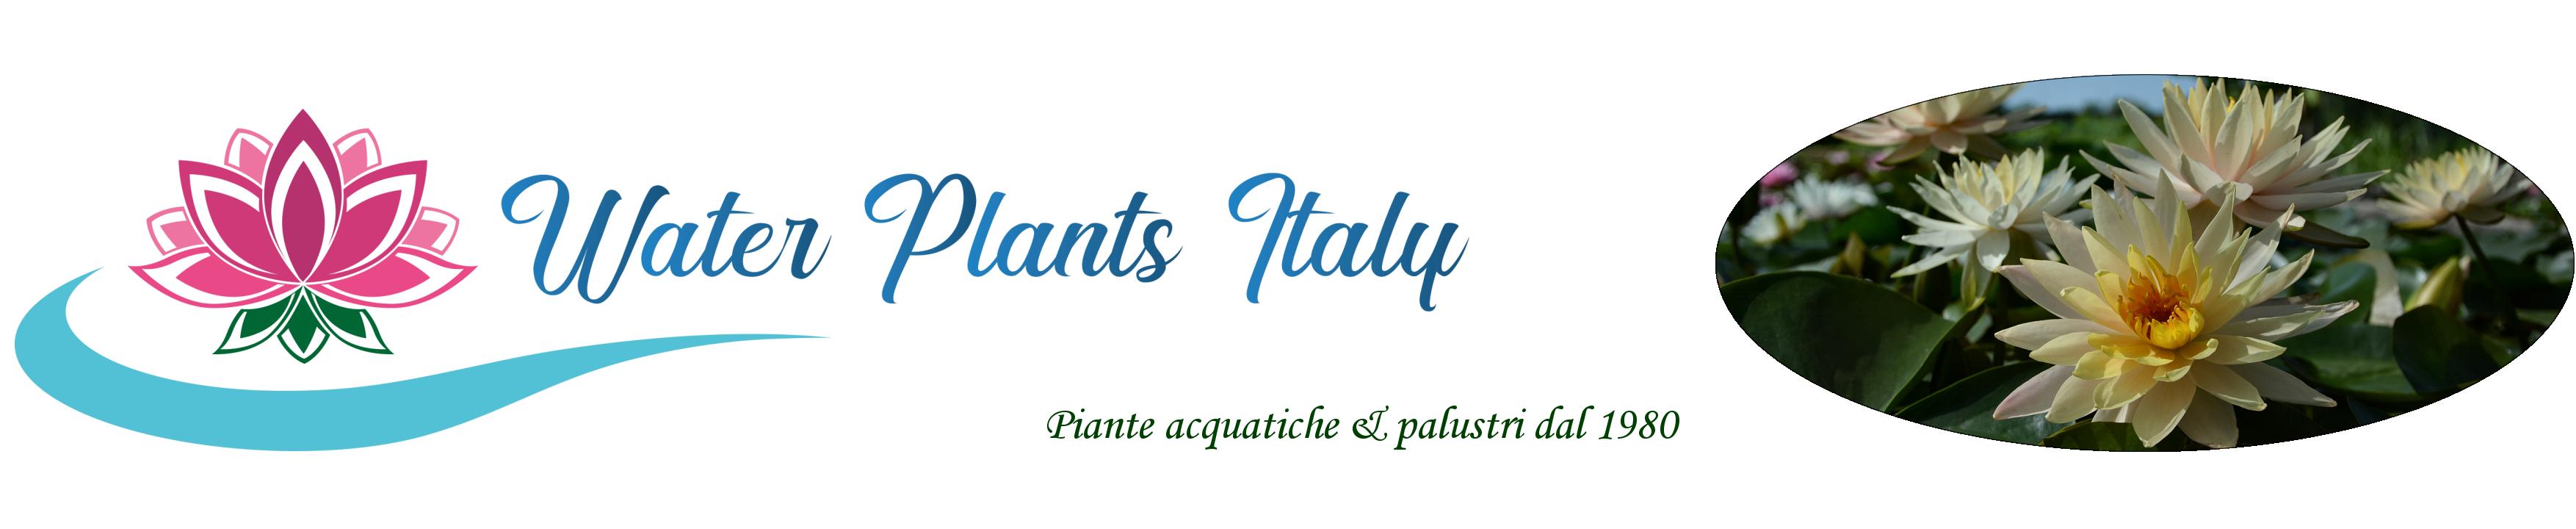 Piante acquatiche - Water Plants Italy